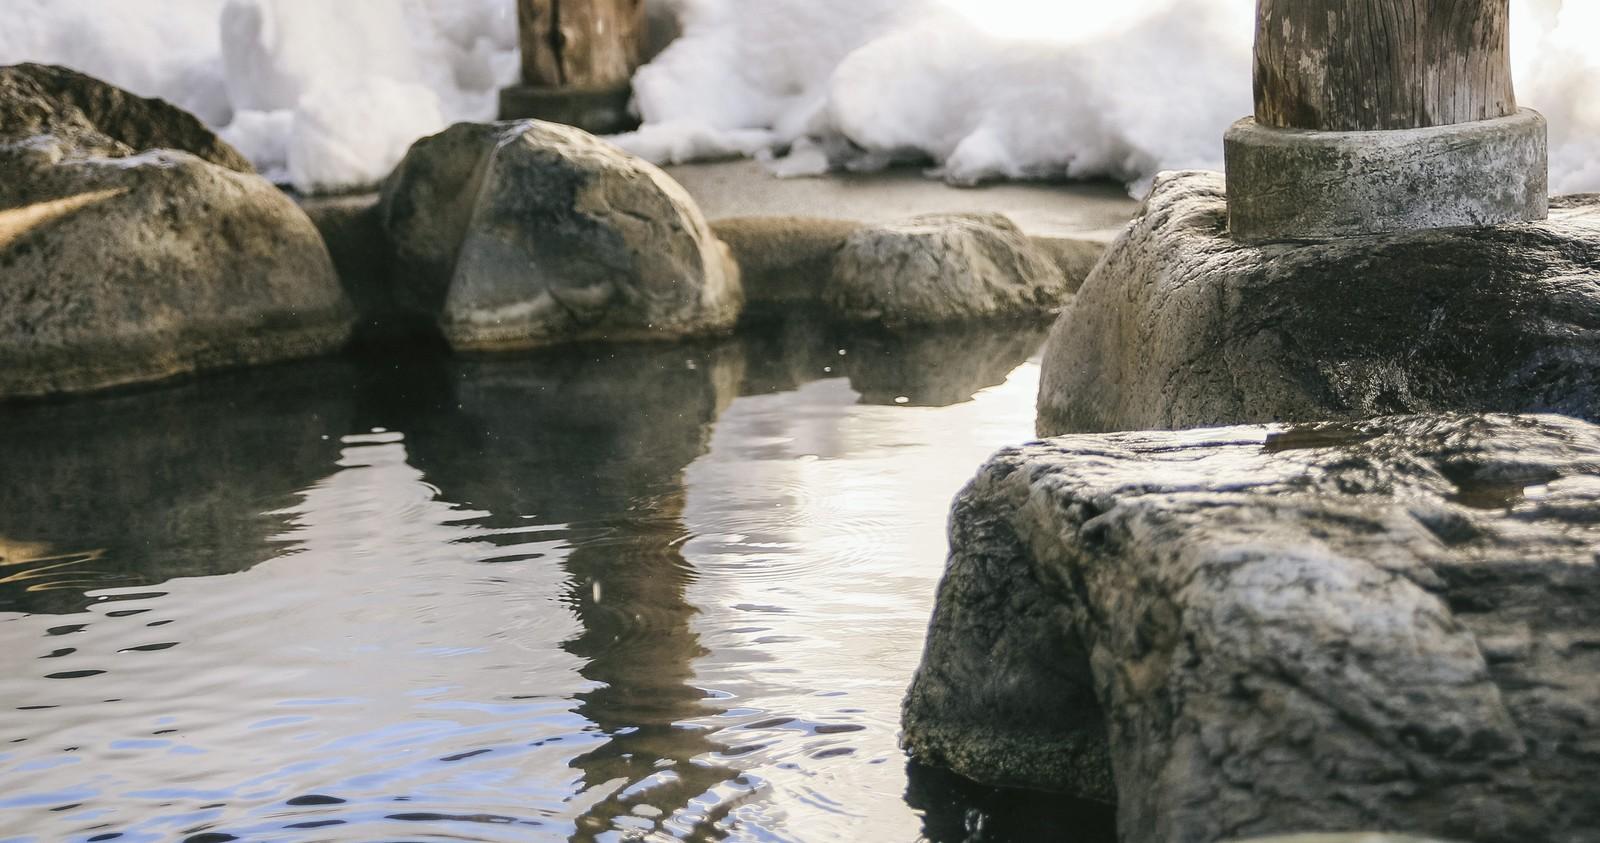 さやの湯処に行こう!アクセス方法や岩盤浴の混雑状況・料金等についてご紹介